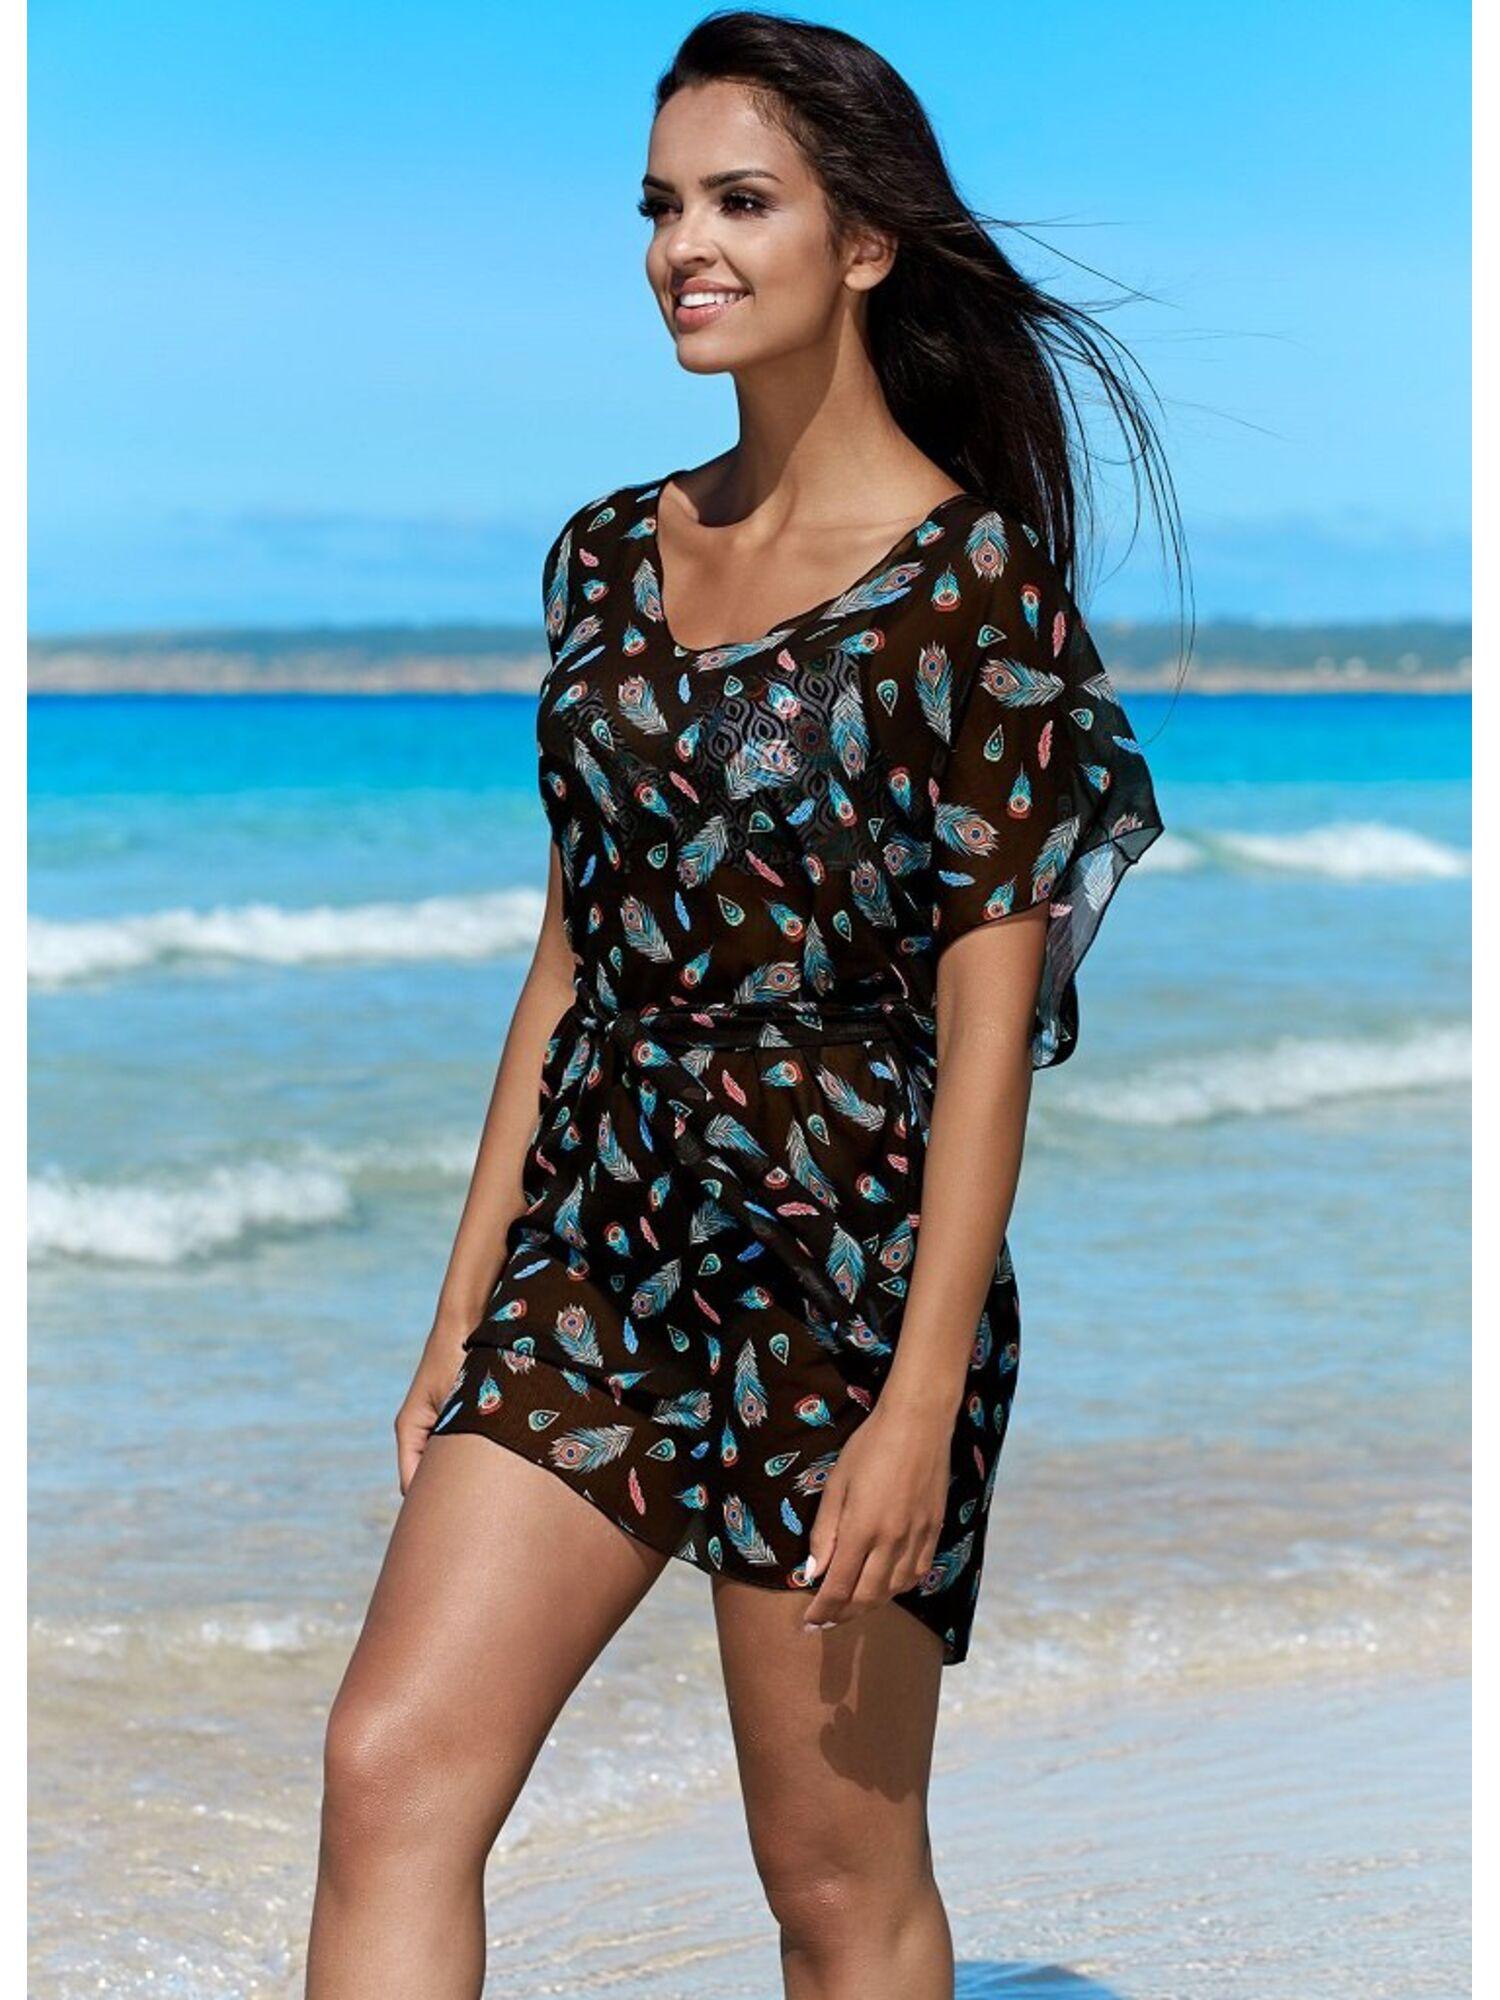 Женская пляжная туника с поясом L6015/9 черный, Lorin (Польша)